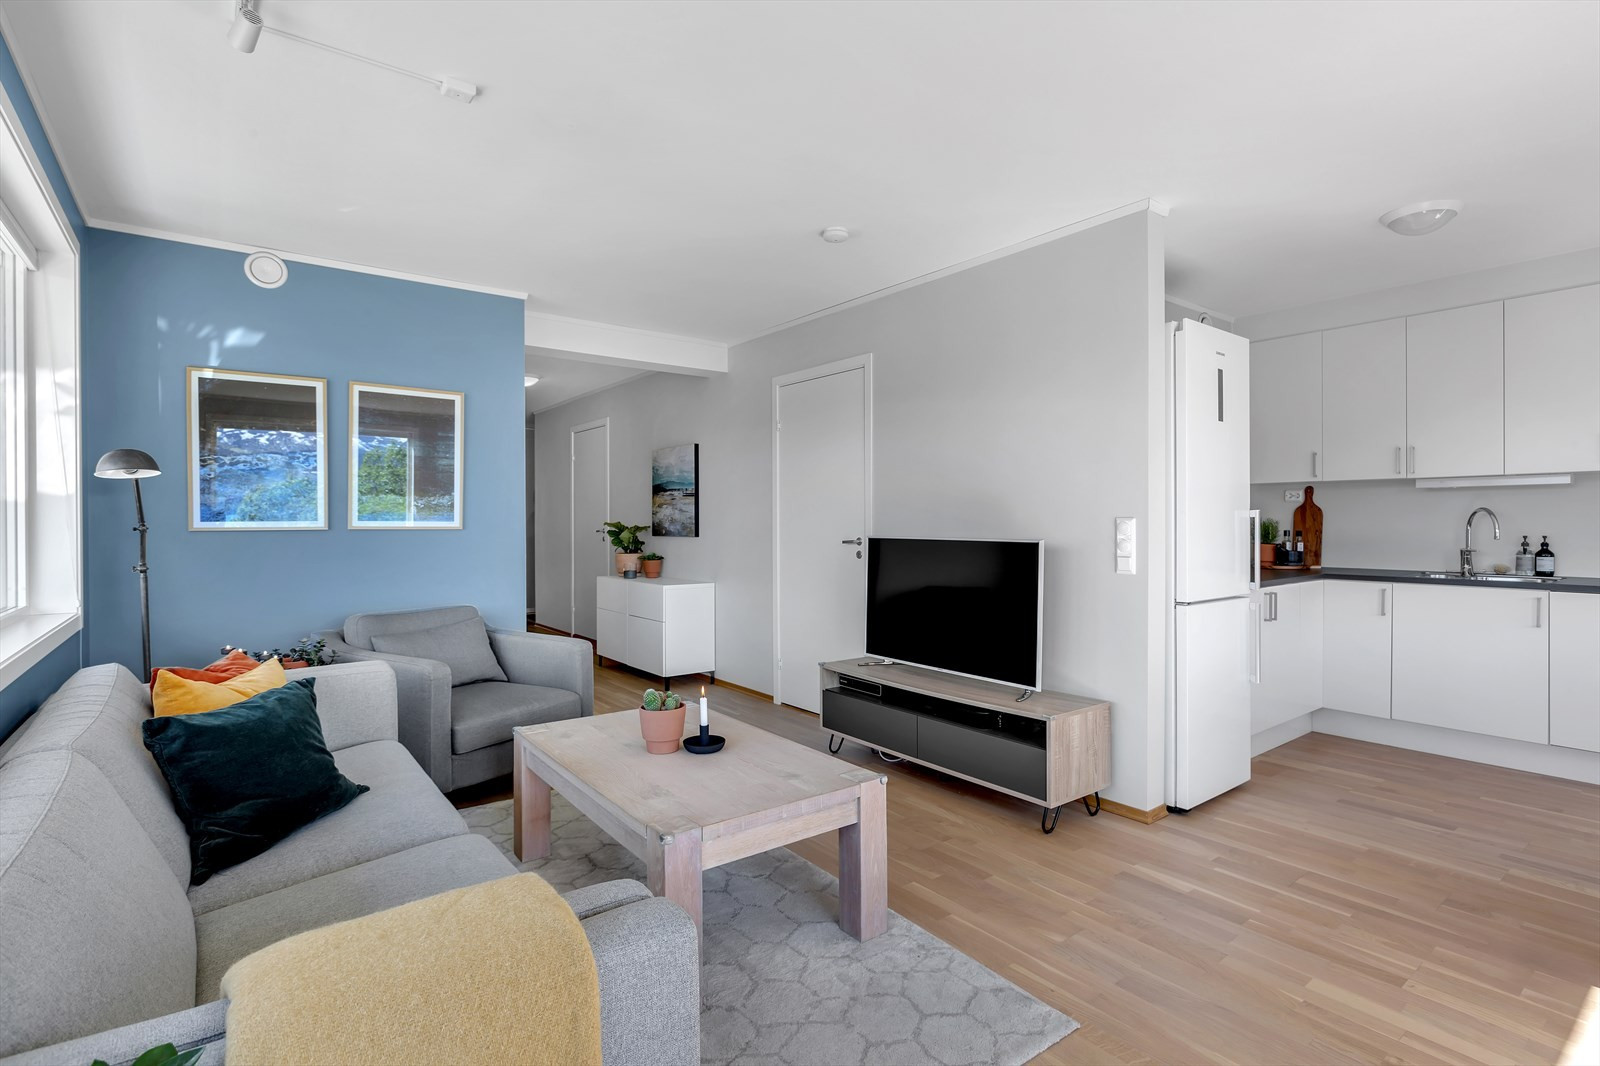 Stue og kjøkken i delvis åpen løsning